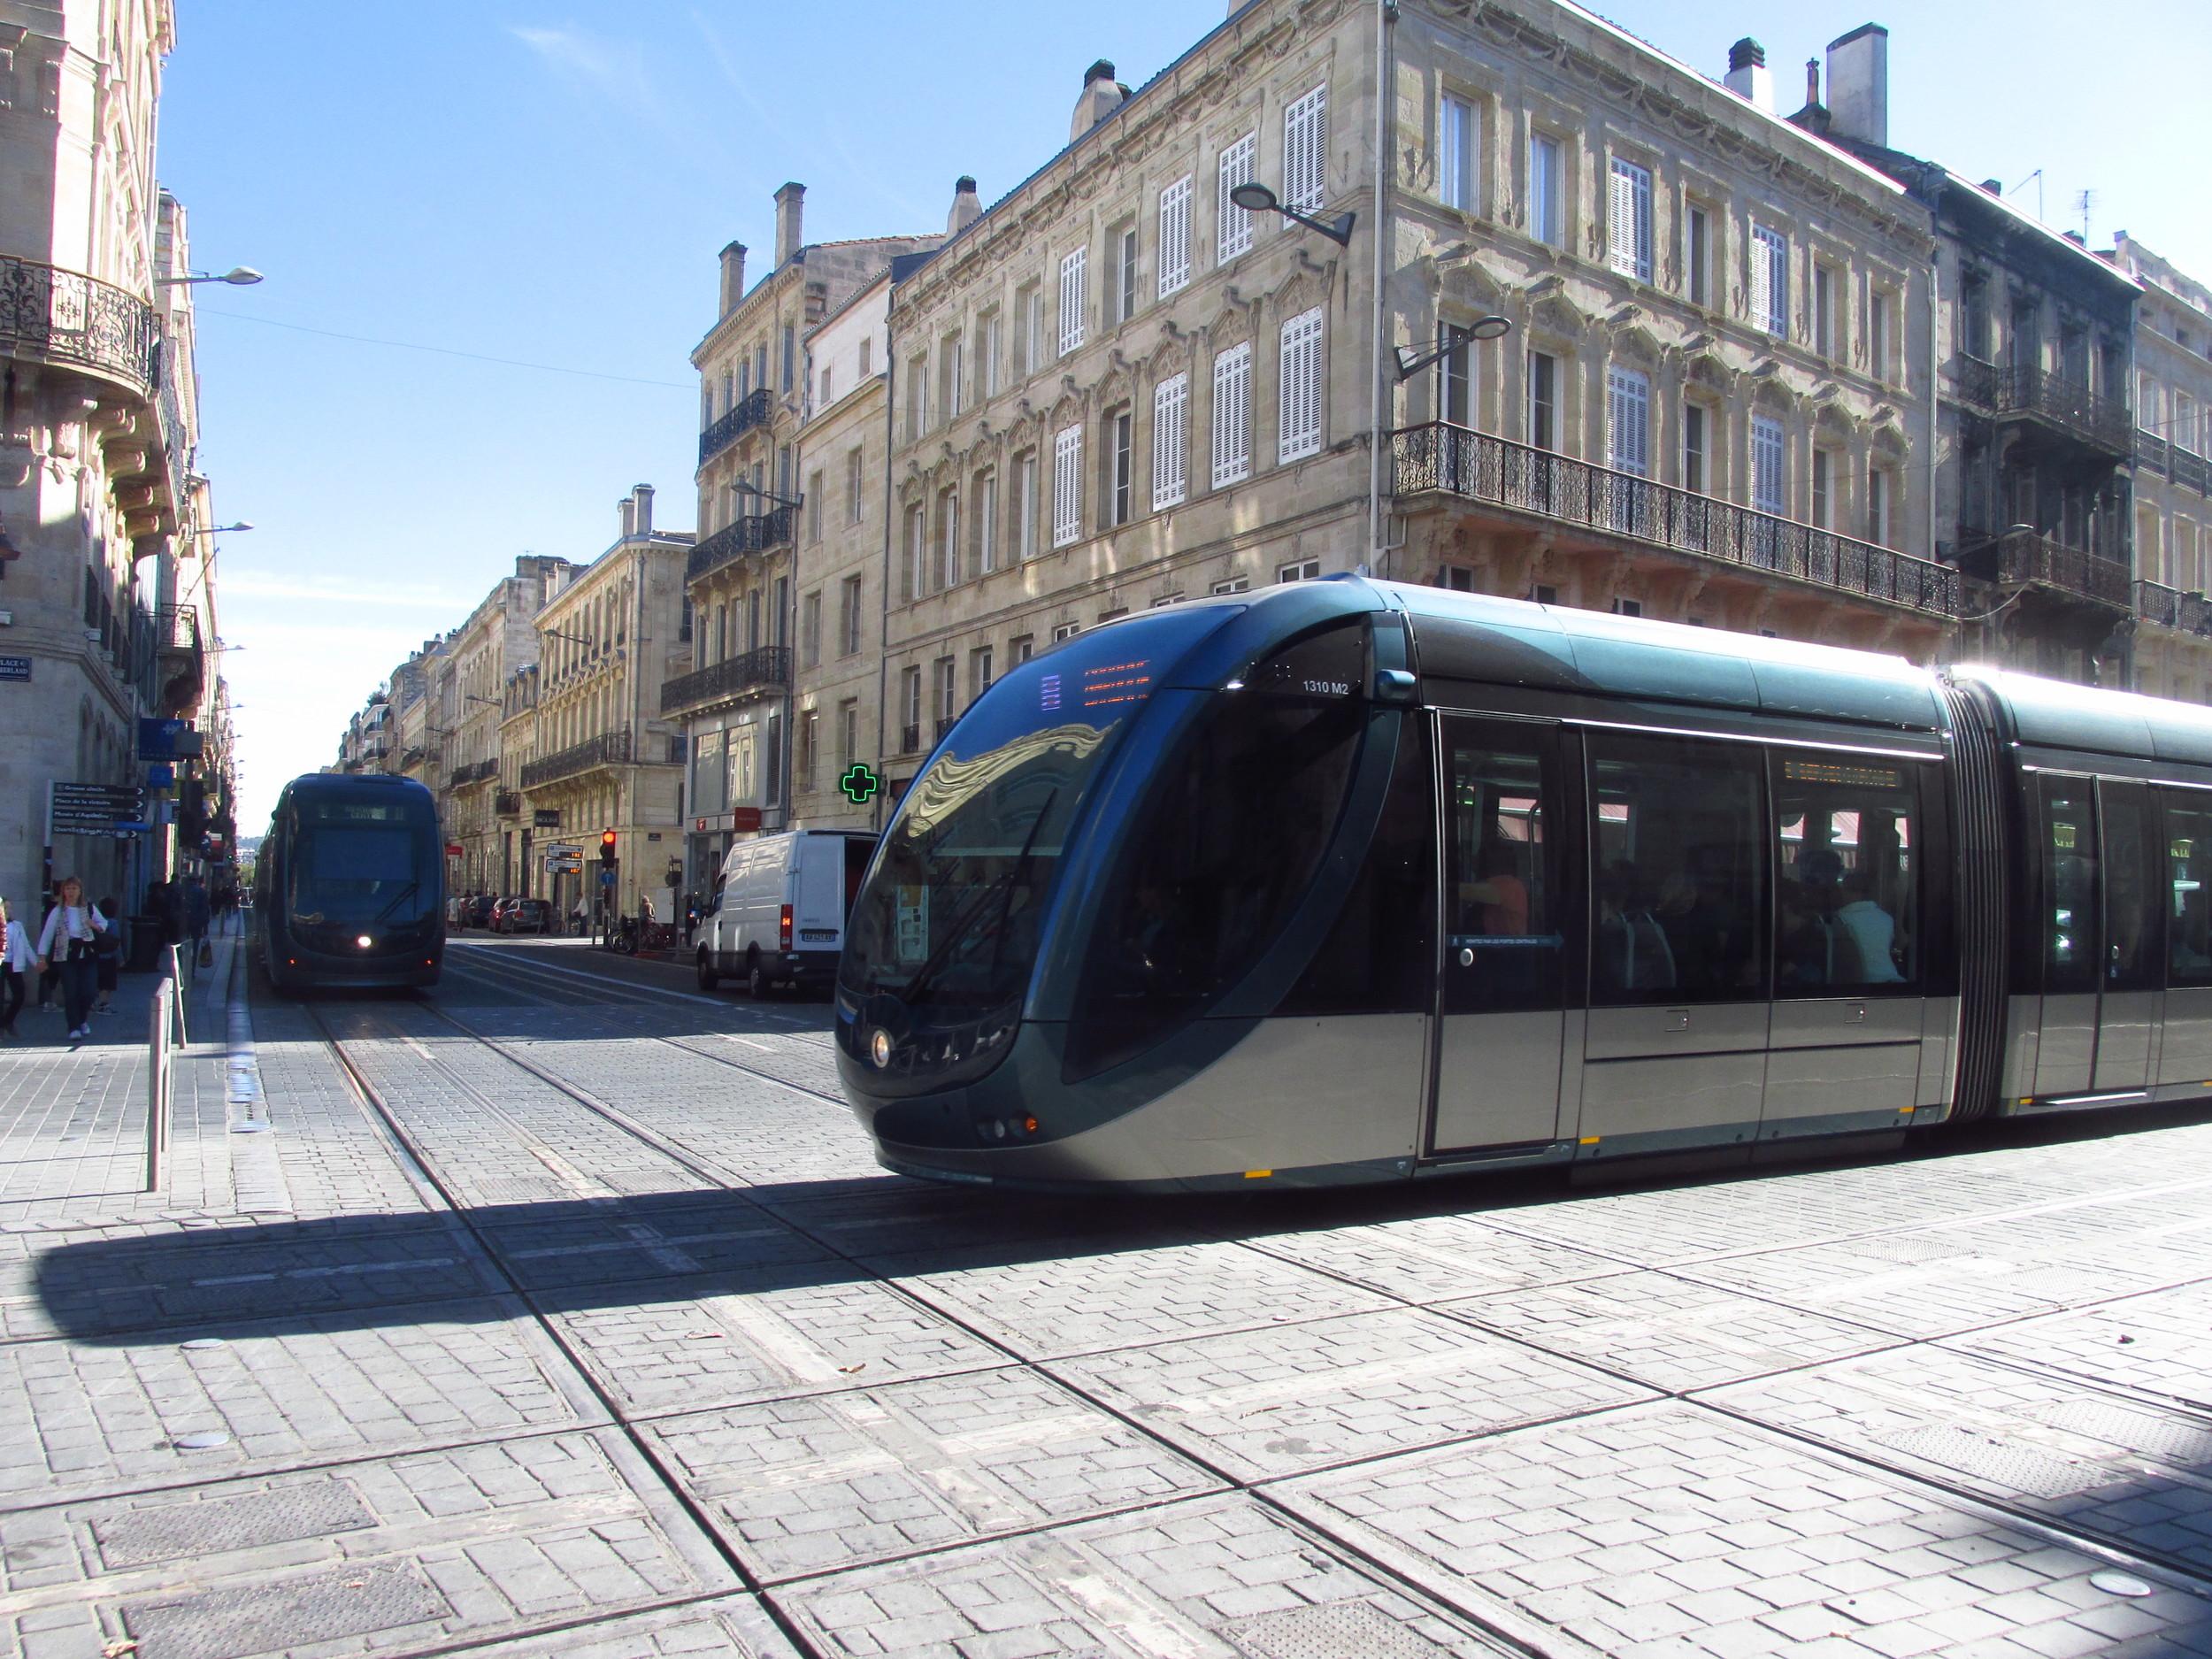 Netradiční křížení dvou tratí se spodním přívodem proudu v Bordeaux. (foto: Ing. Filip Jiřík)